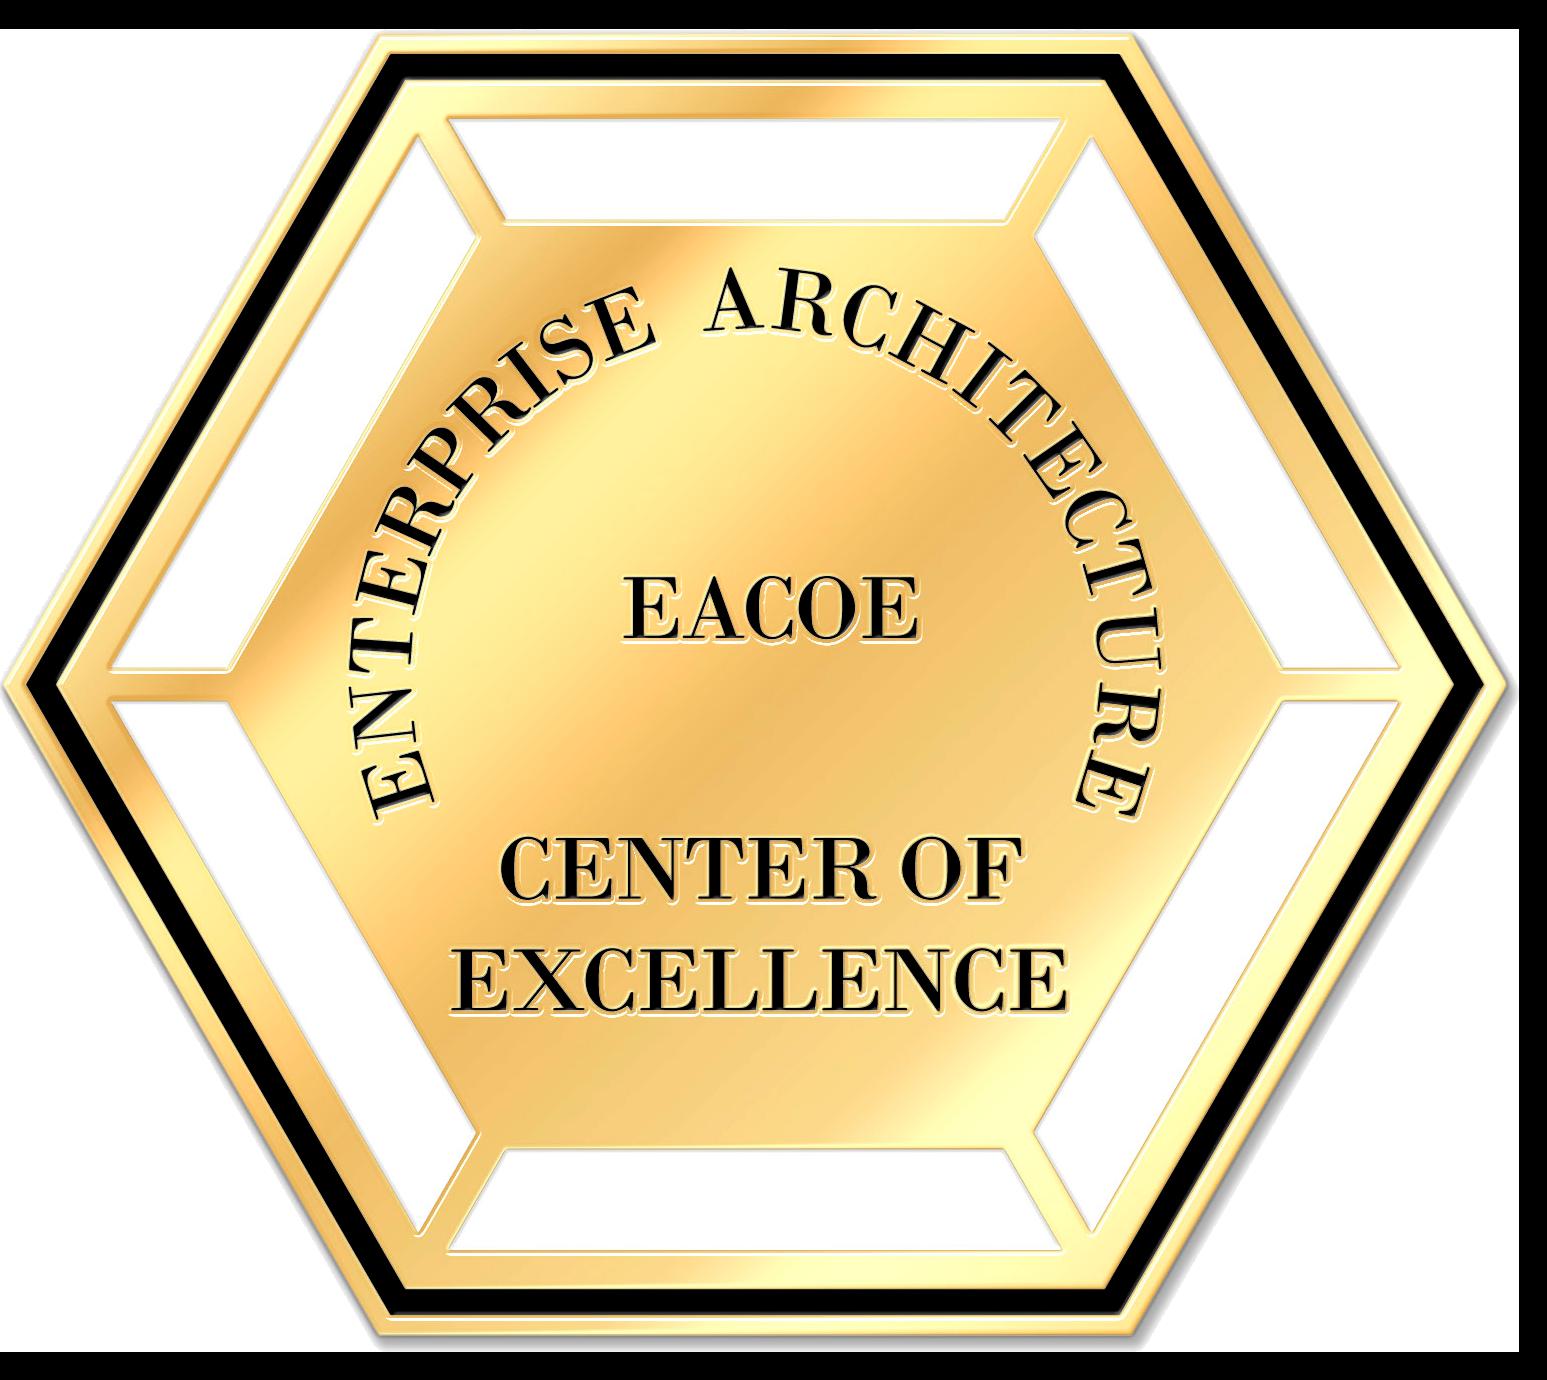 Senior Enterprise Architect certification | EACOE